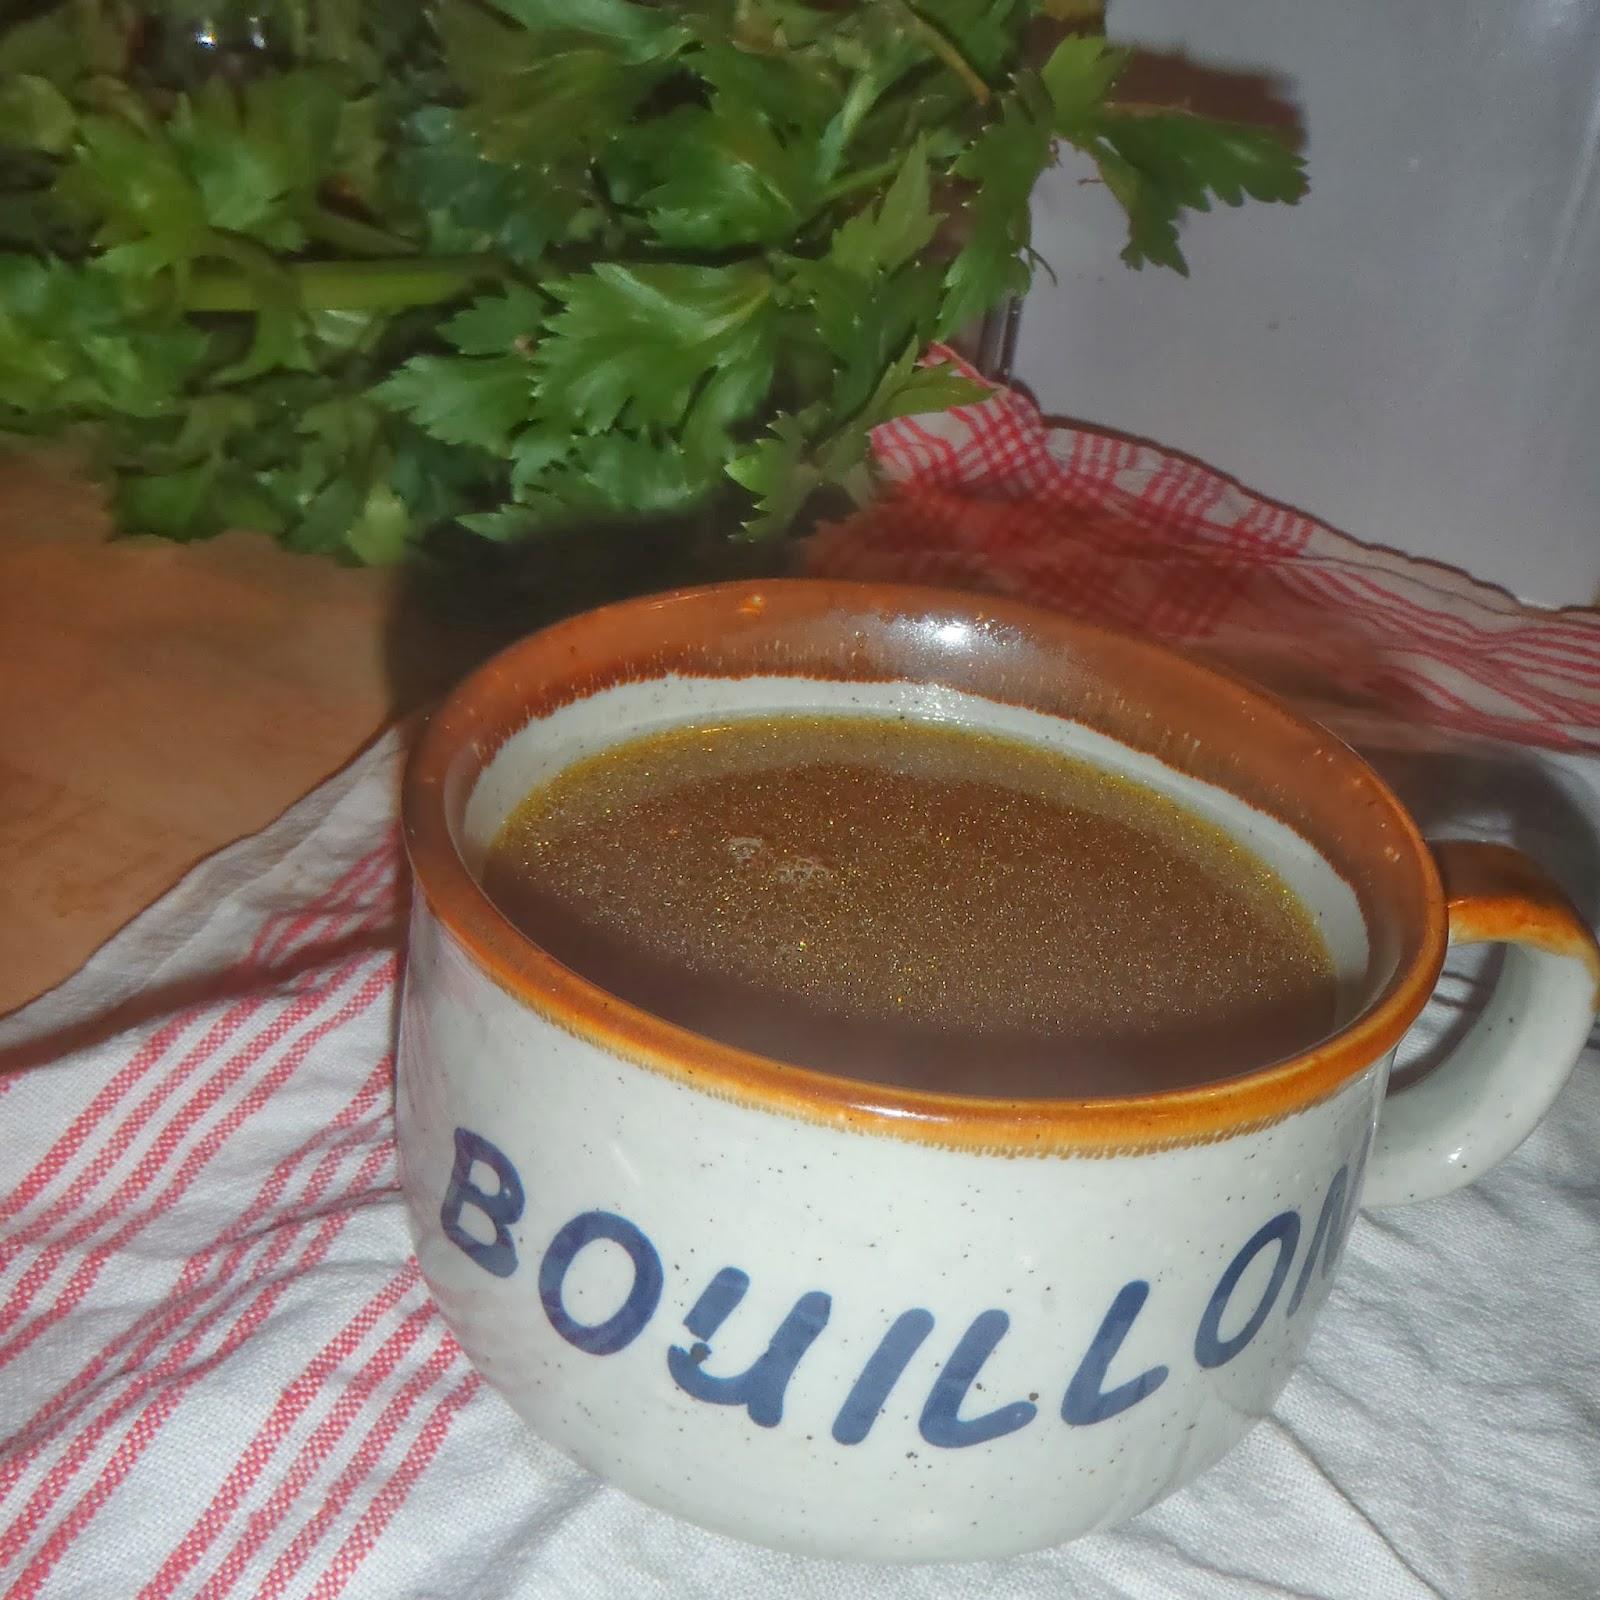 Un mode de vie pal o en belgique sain simple savoureux bouillon d 39 os cela gu rit tout - Bouillon d os ...